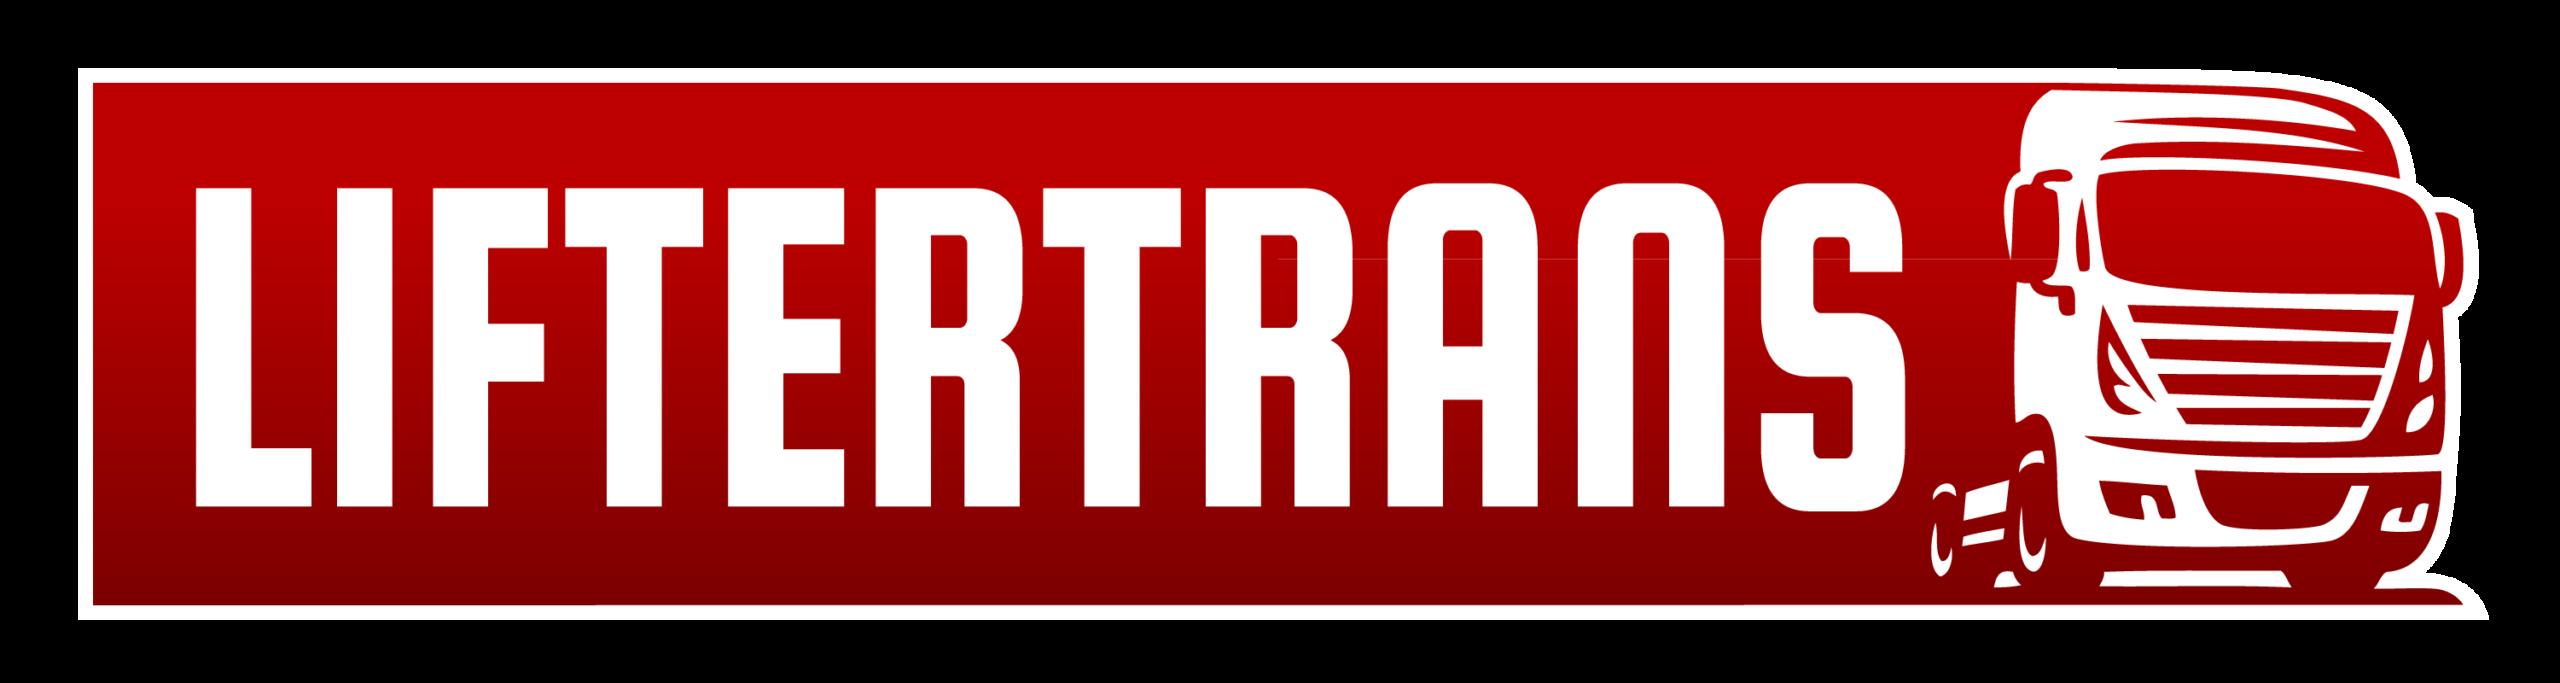 Liftertrans logo, tosetood, puksiir, ehitustehnika transport, ehitusmaterjalide vedu, kraana rent, transporditeenused